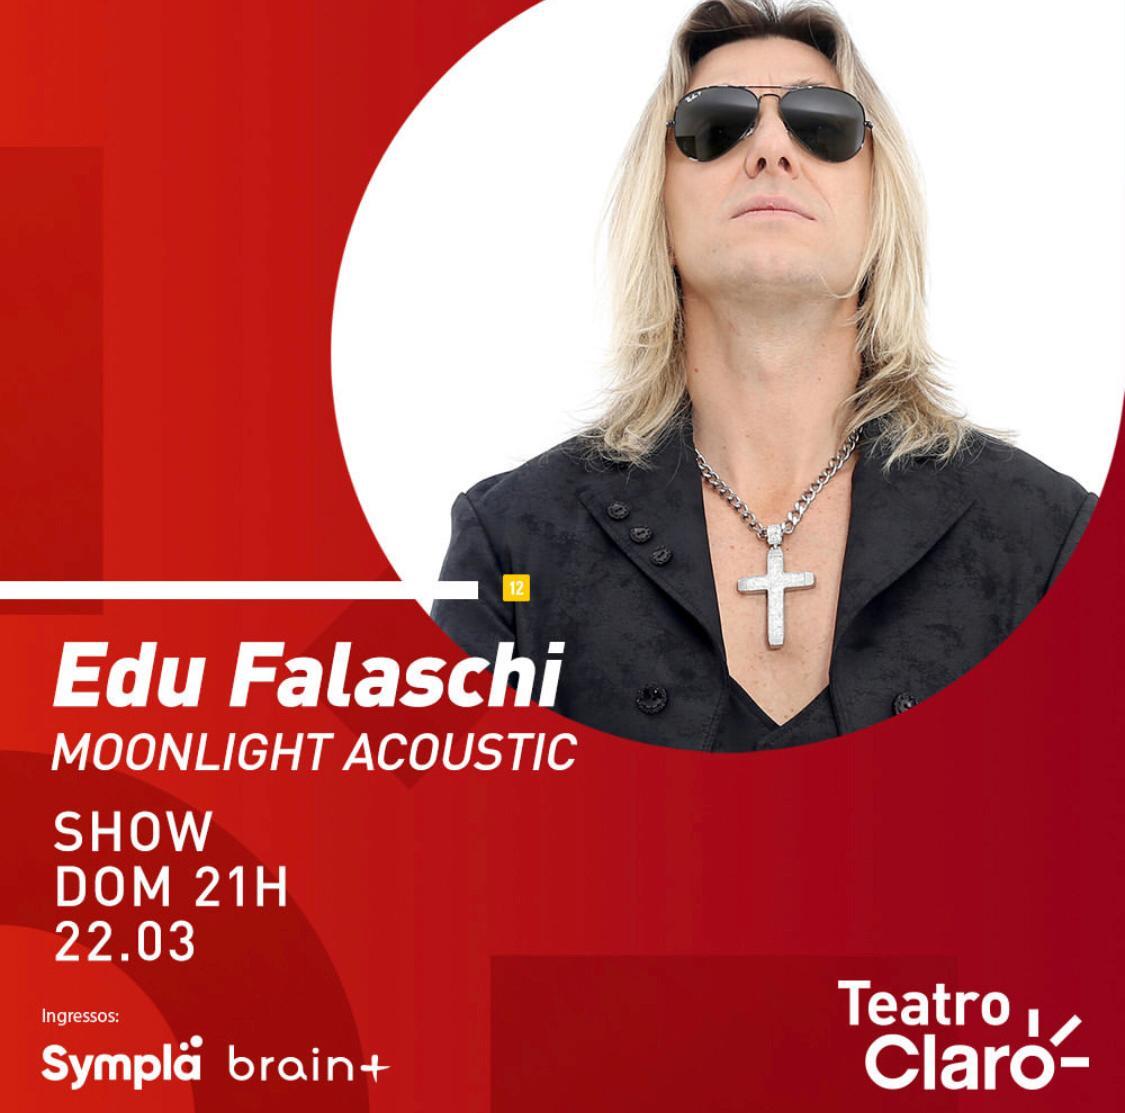 """Edu Falaschi apresenta show acústico """"Moonlight Celebration"""" no Teatro Claro em SP dia 22 de Março"""